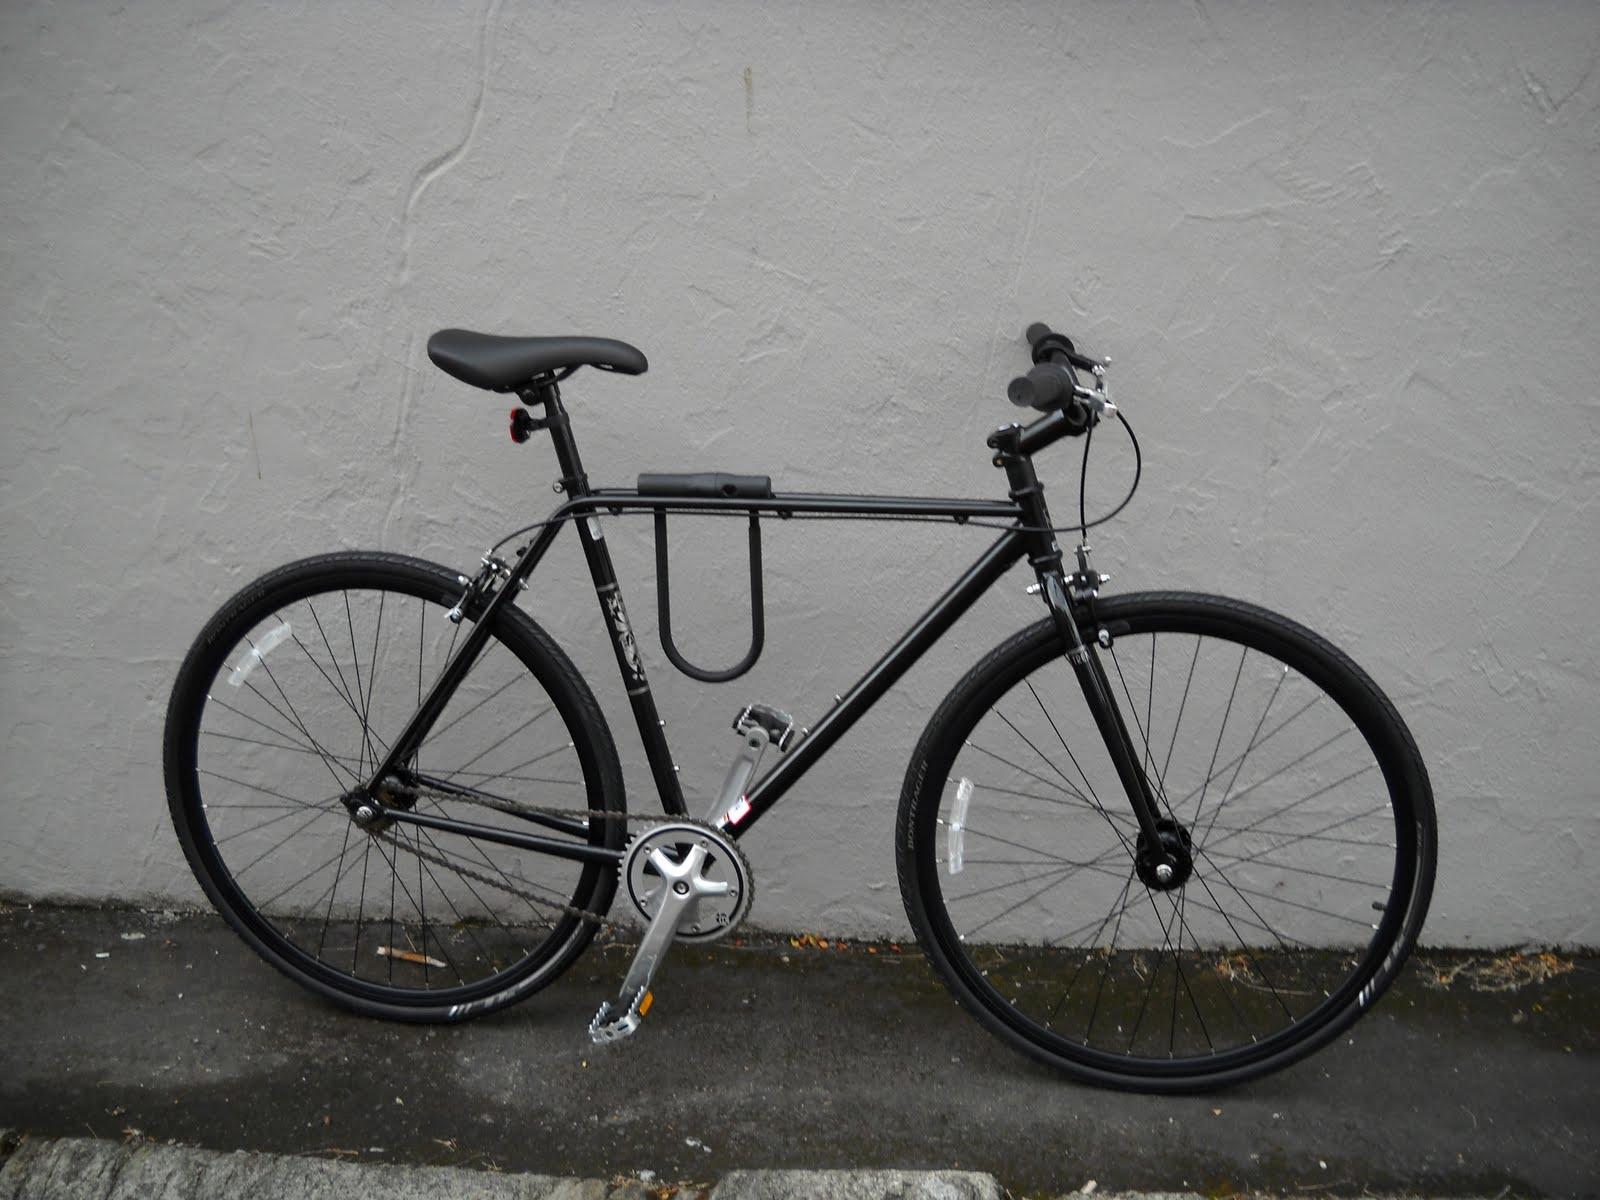 Kent's Bike Blog: The Trek Earl